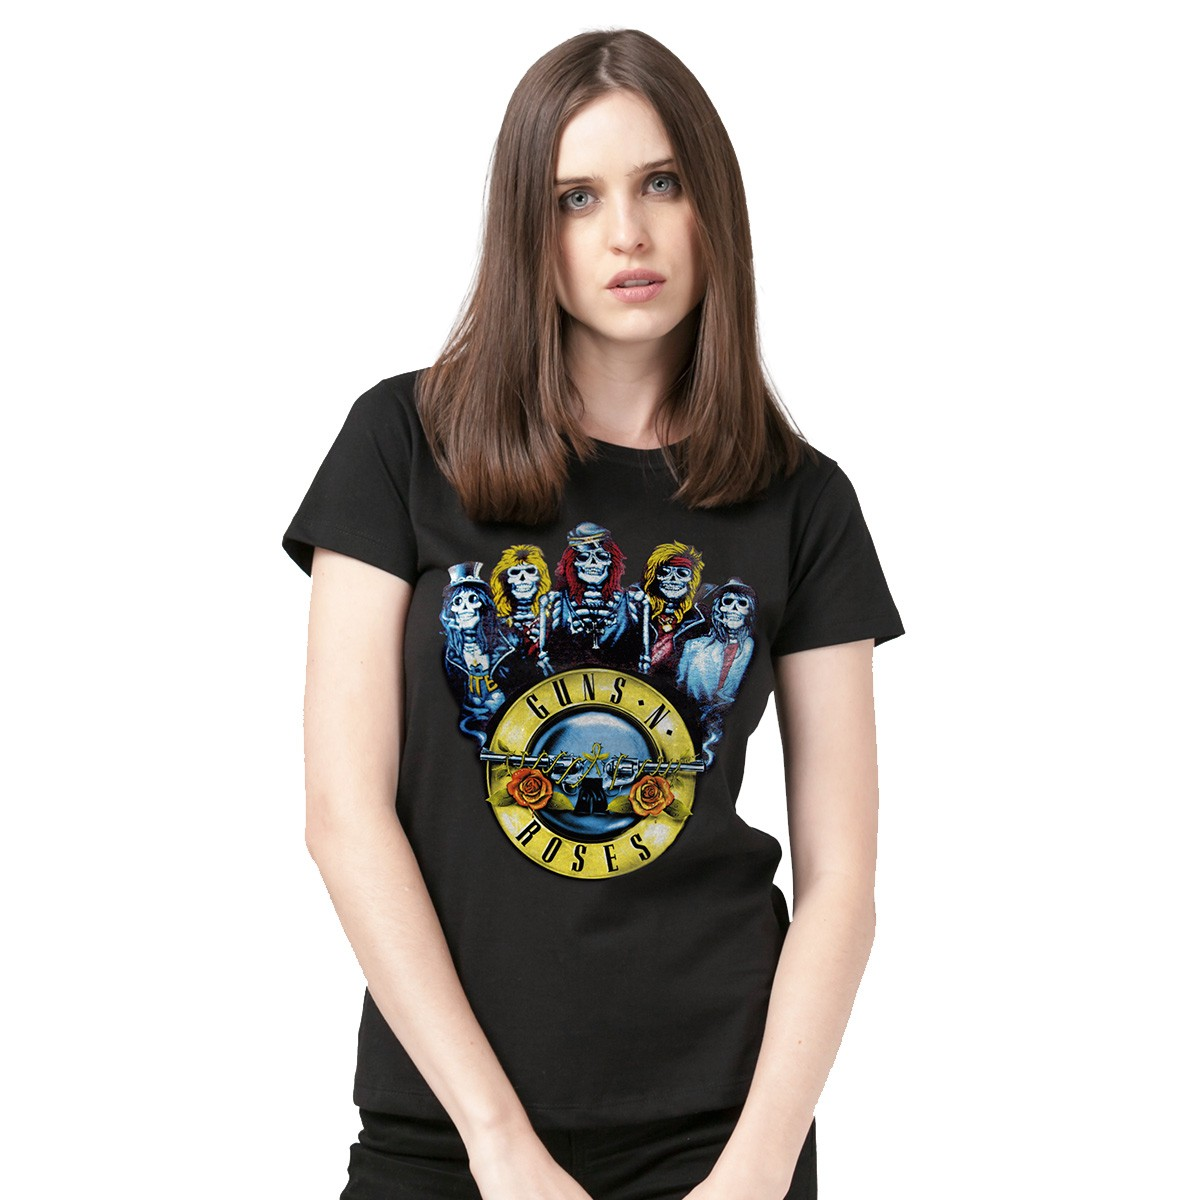 Camiseta Feminina Guns N´ Roses Skull Band